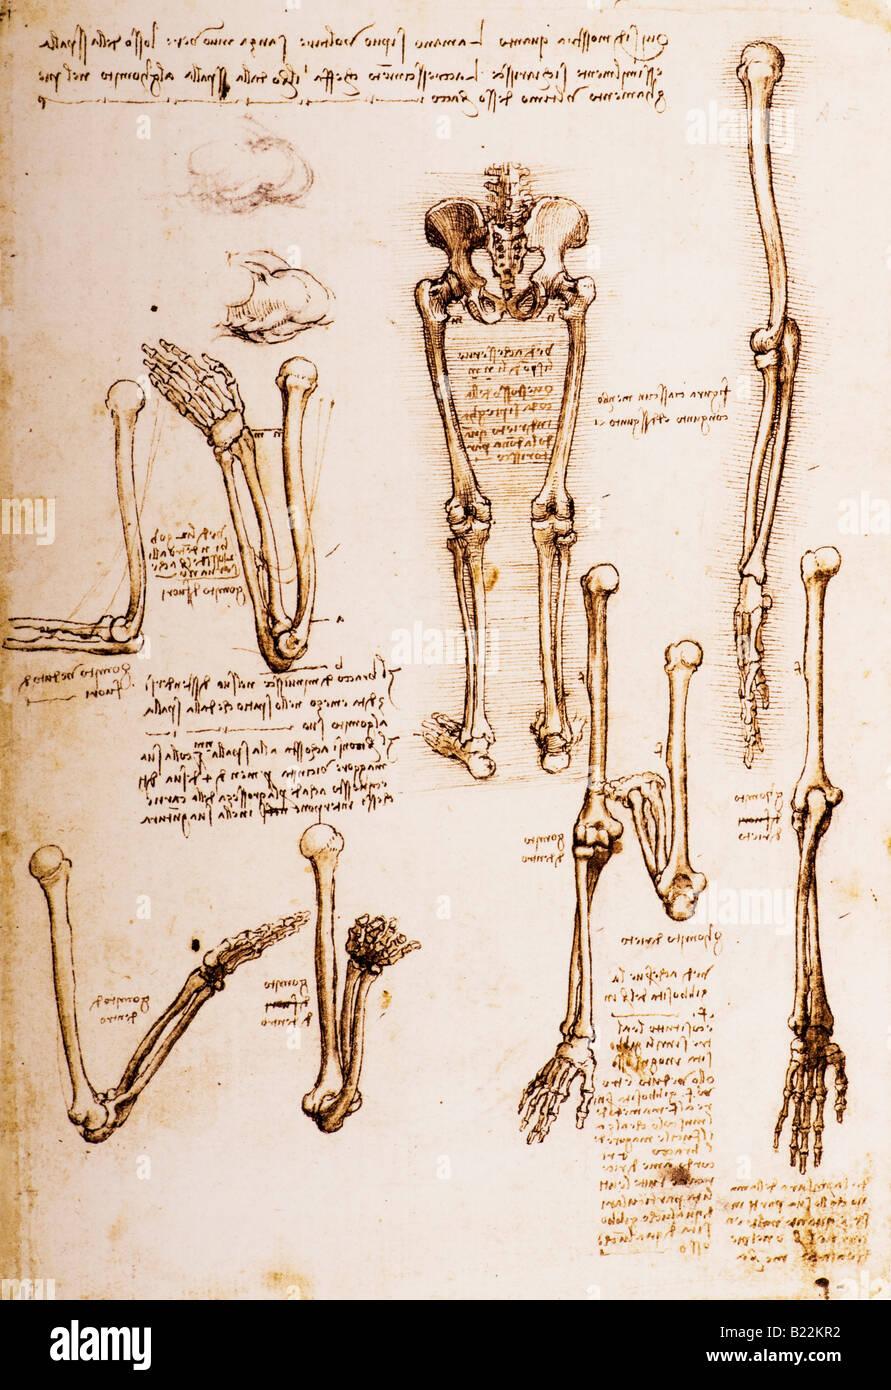 Studien zur Anatomie des weiblichen Beckens, das Steißbein und der ...